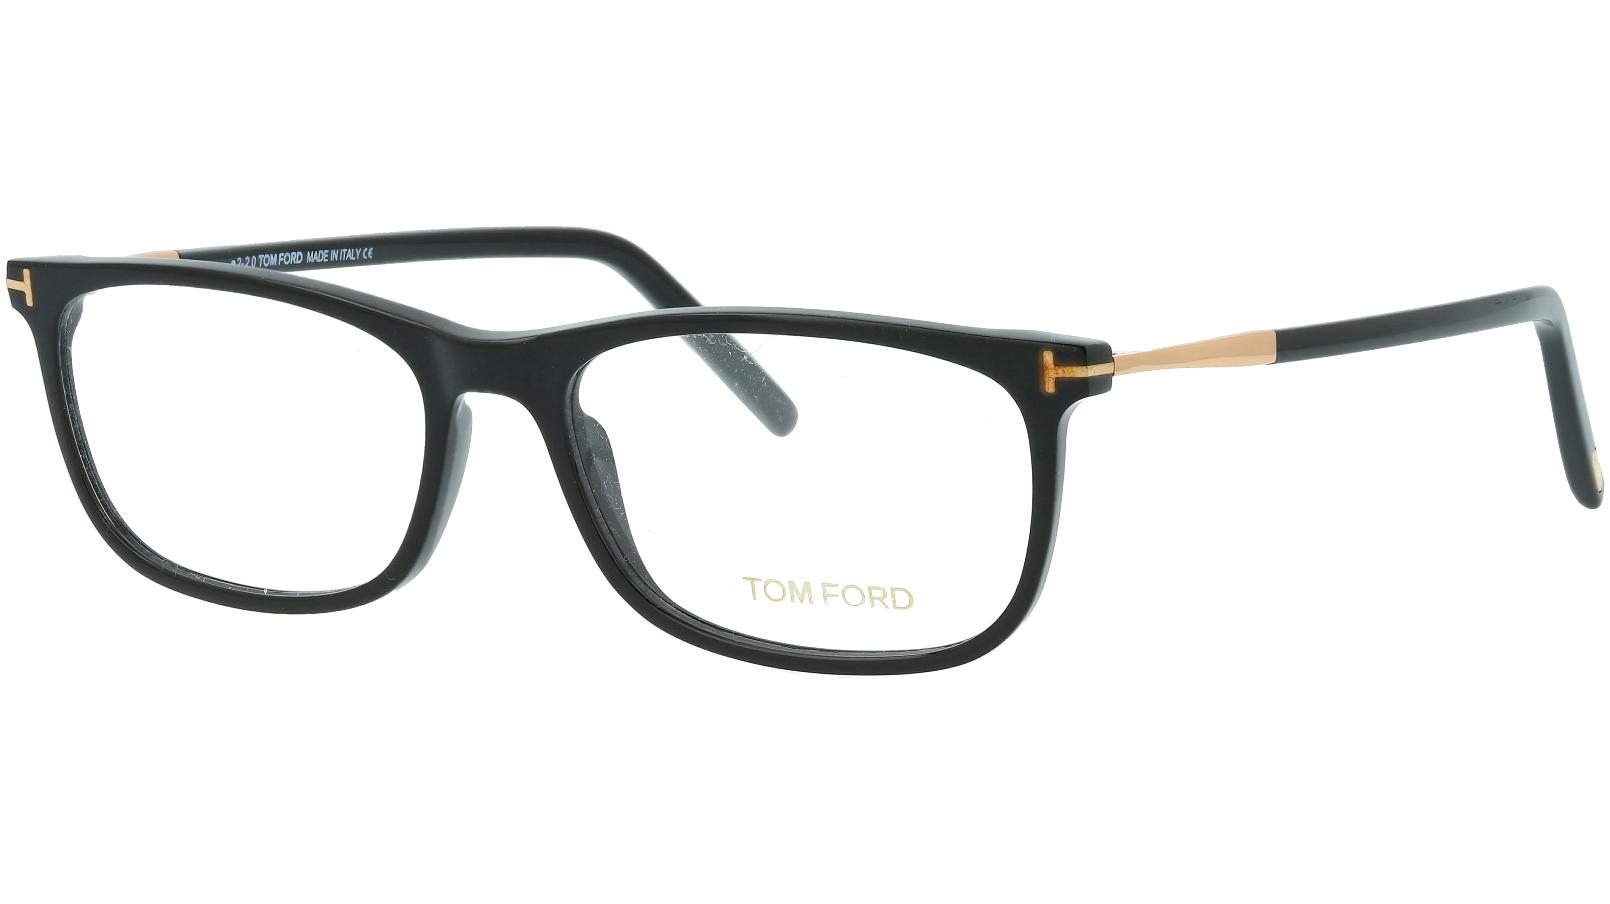 TOM FORD FT5398 001 53 SHINY Glasses